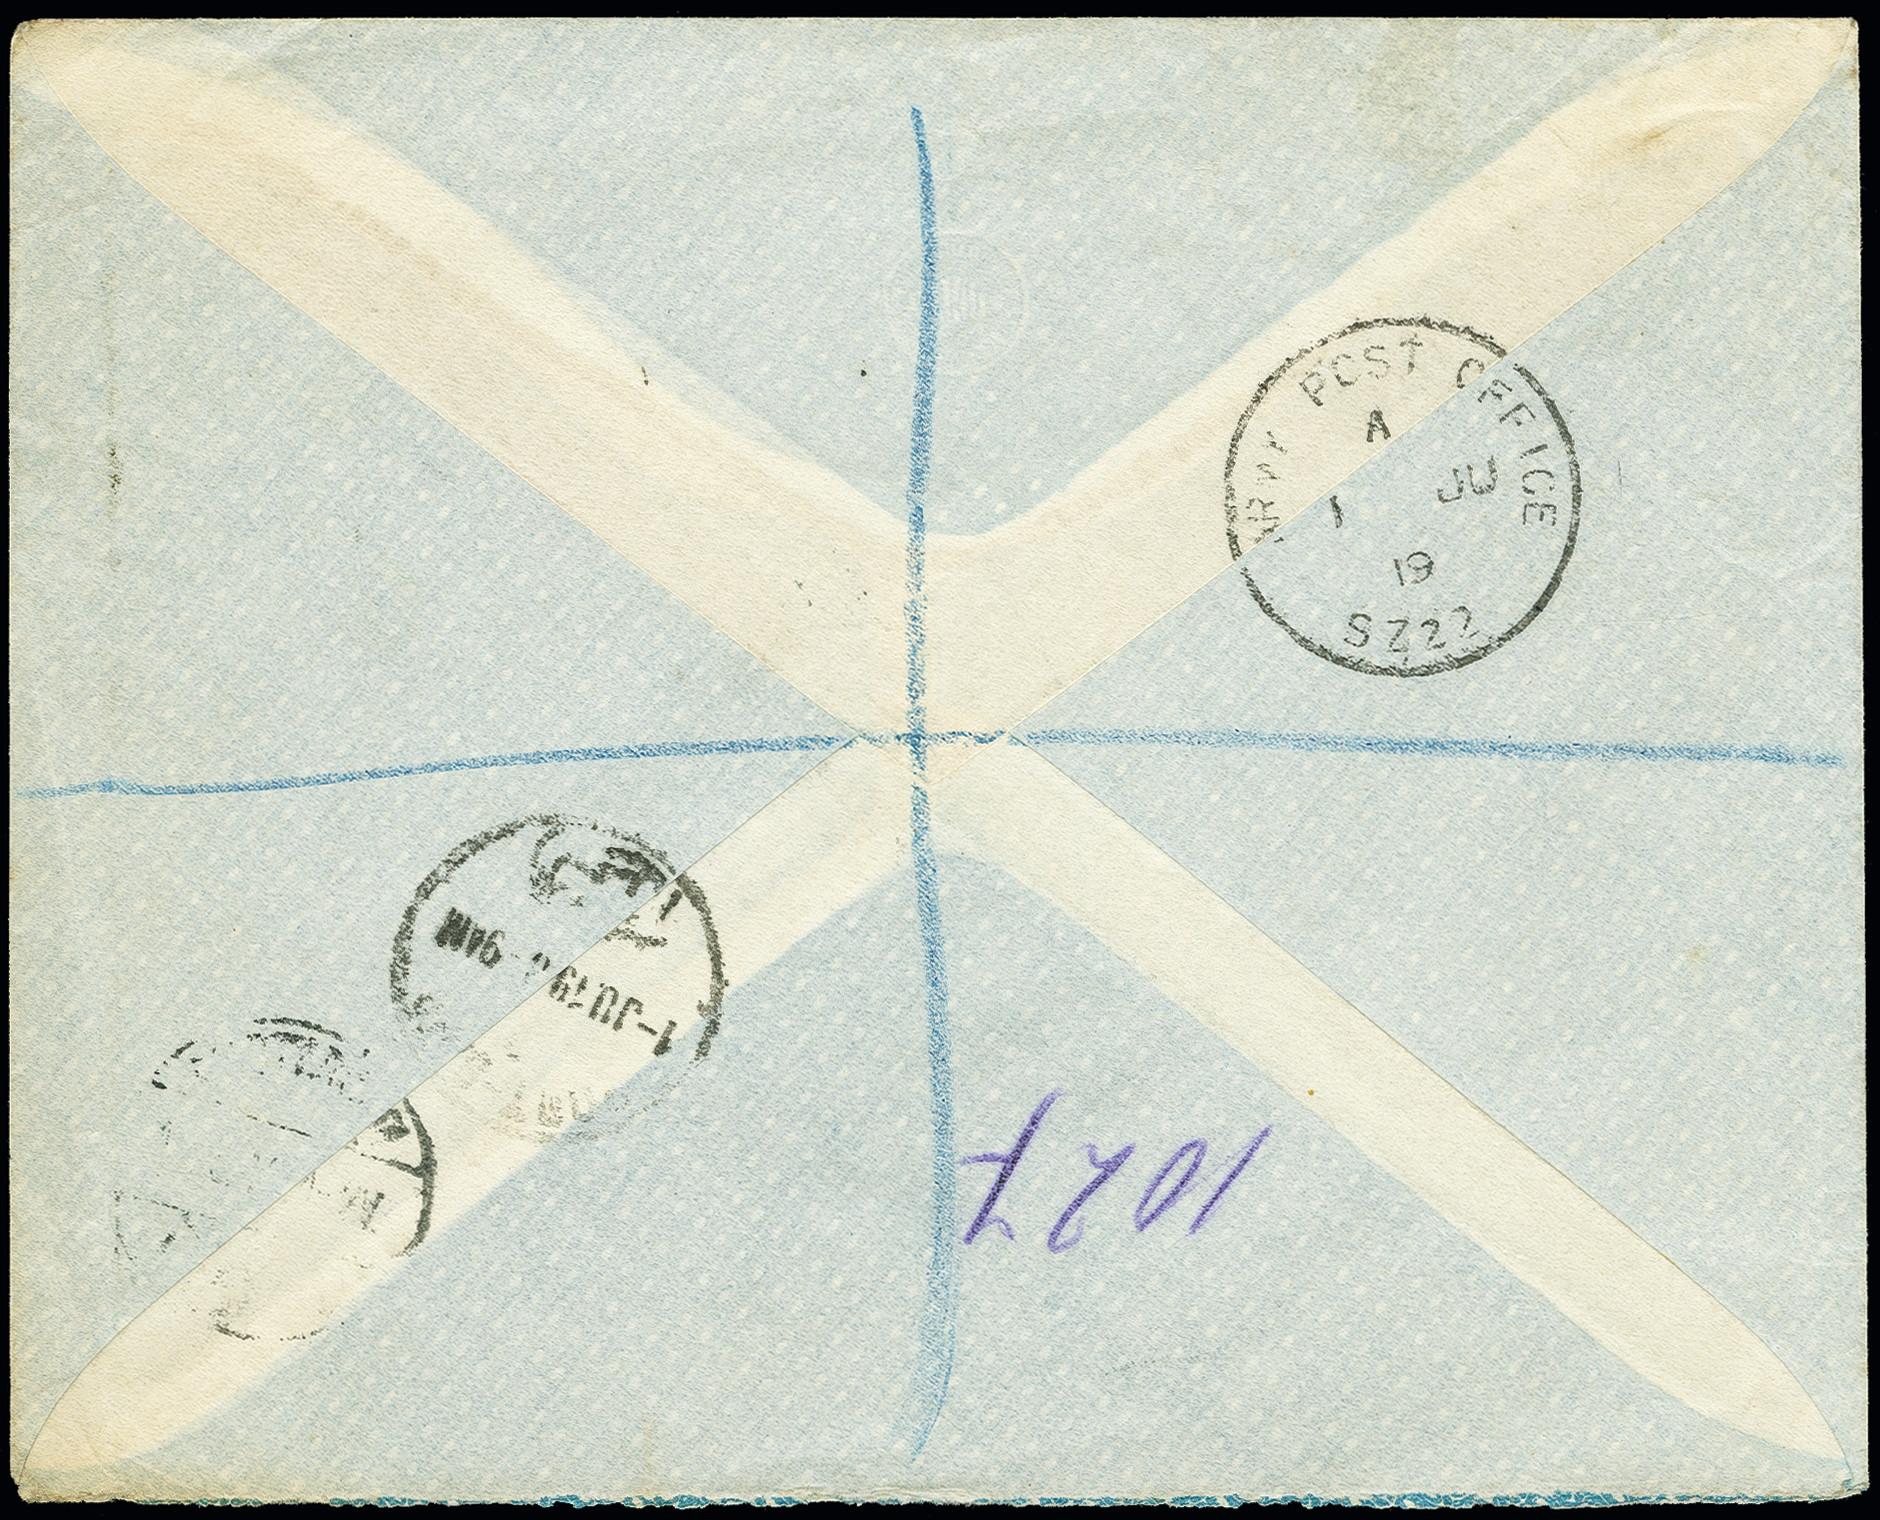 Lot 1058 - Overseas palestine -  Heinrich Koehler Auktionen Auction #368- Day 1